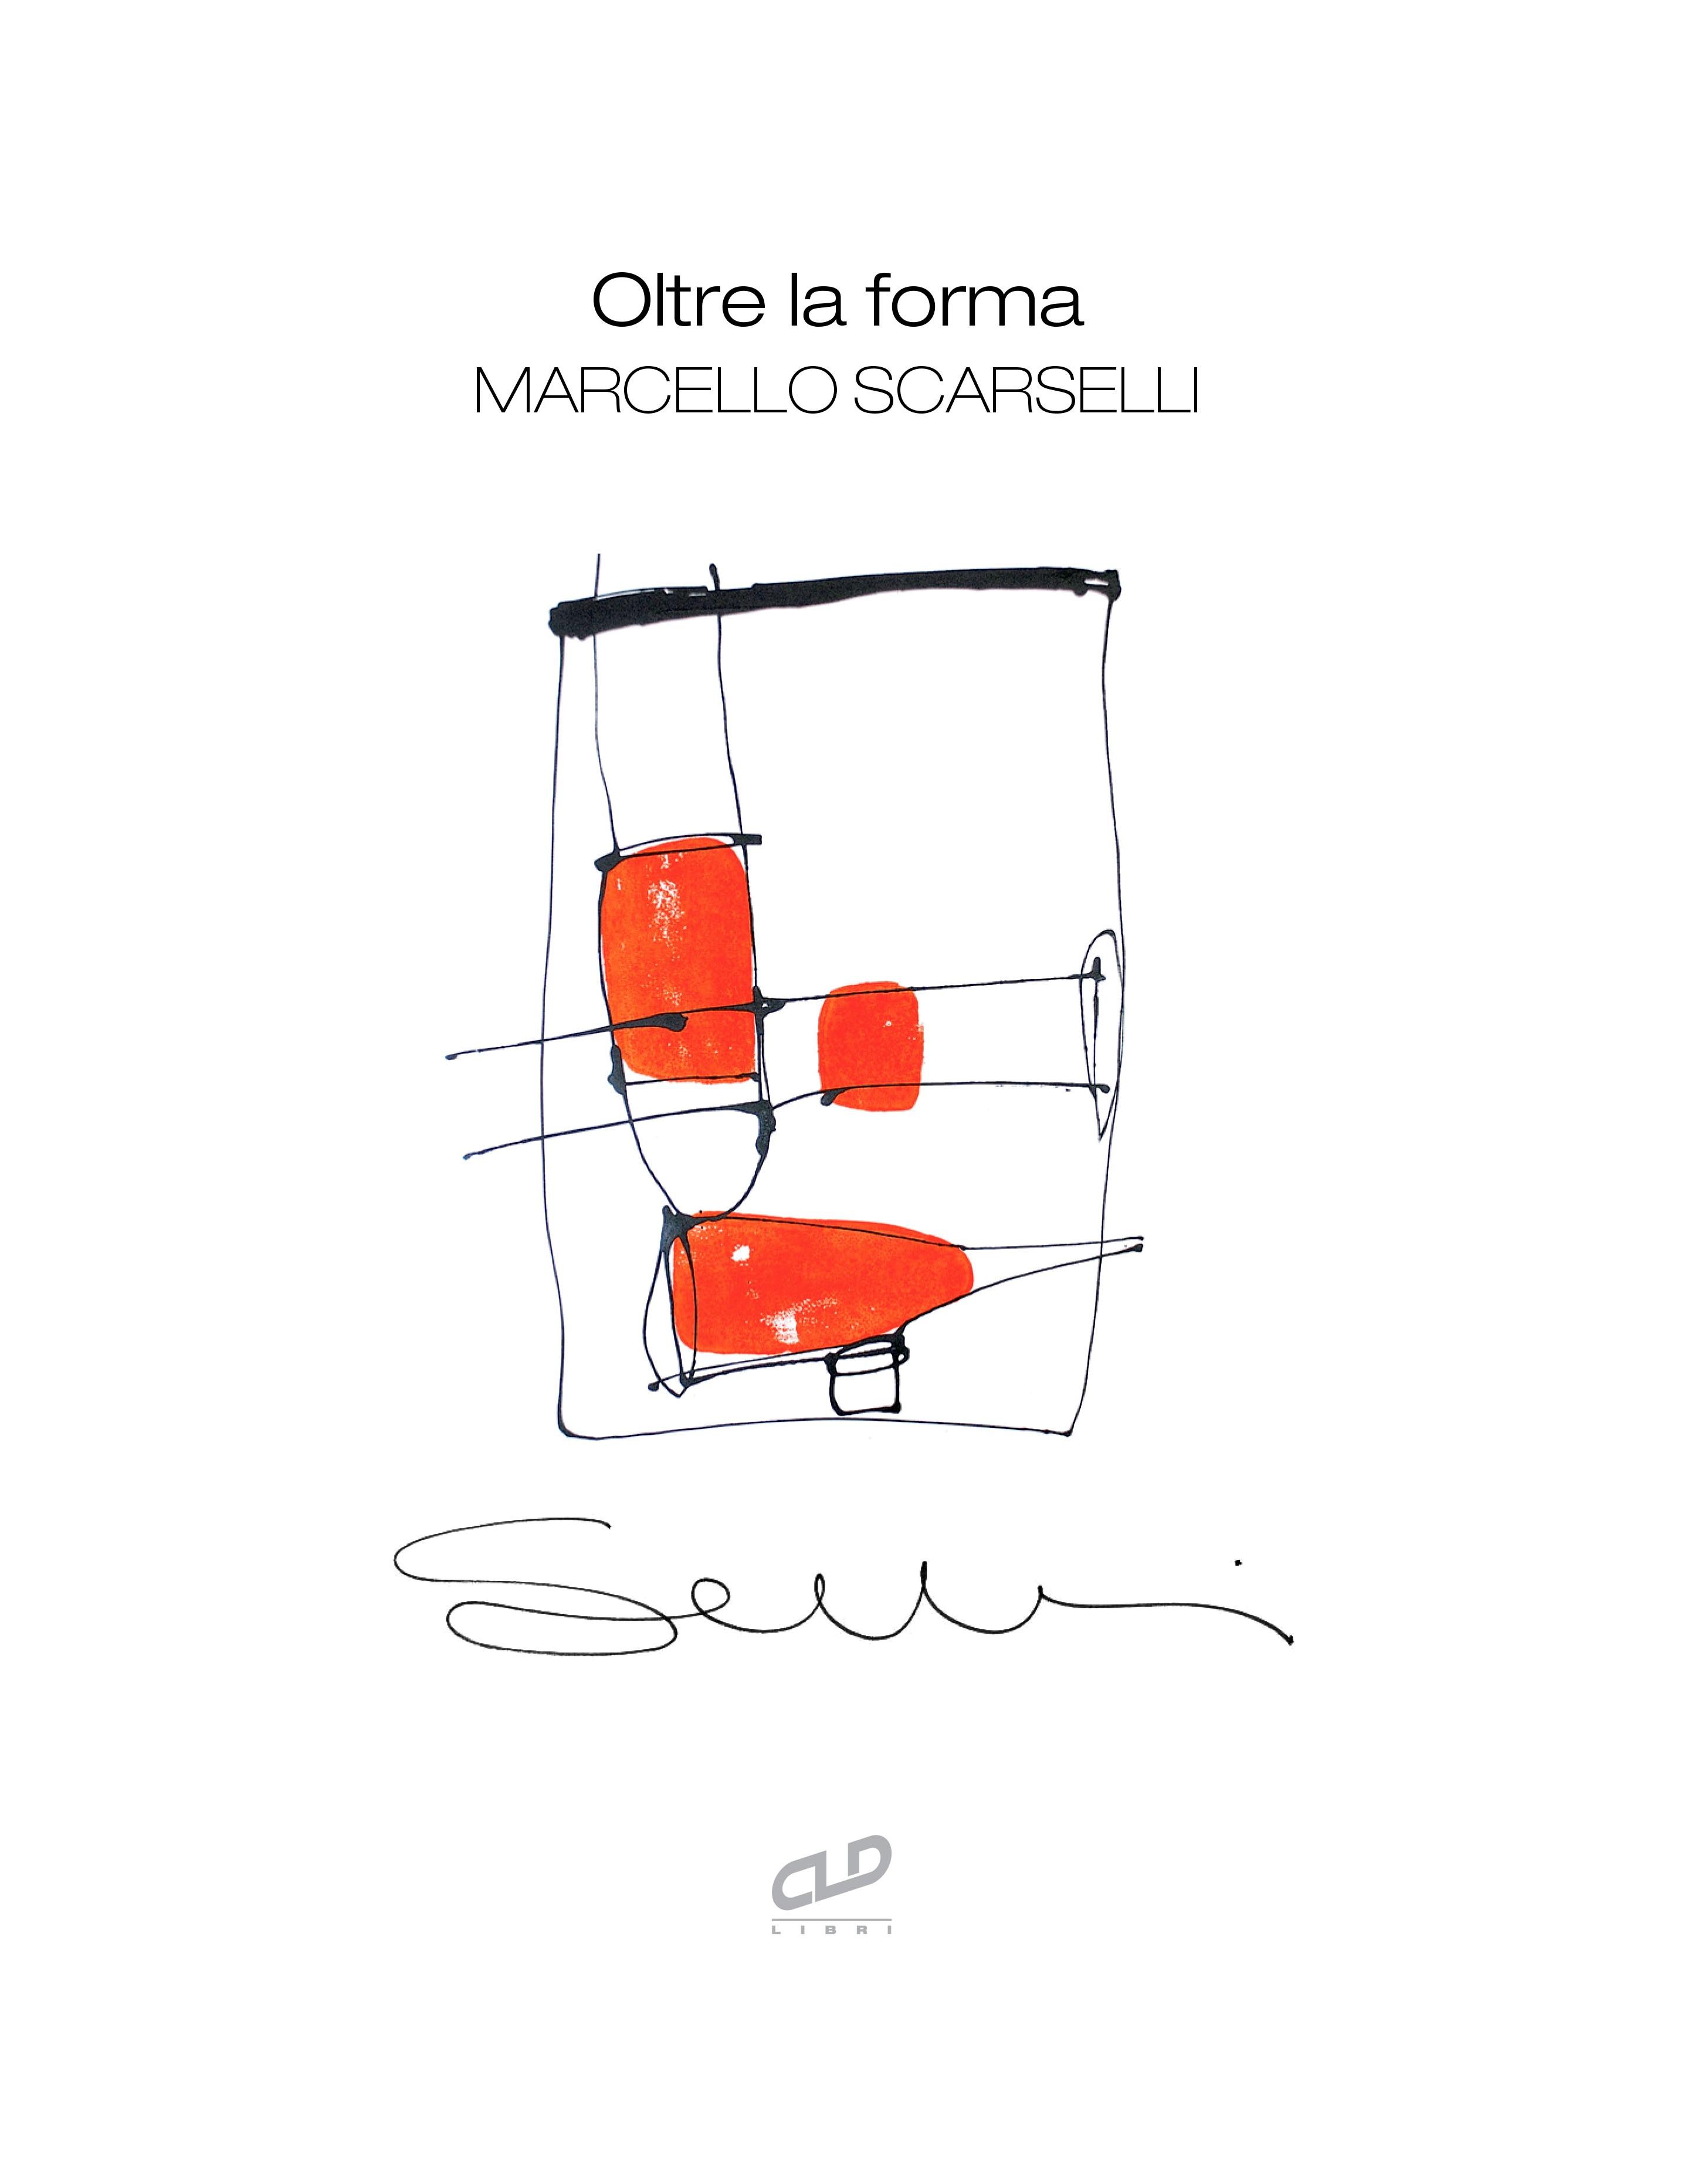 """Mostra di Marcello Scarselli """"Oltre la forma"""""""